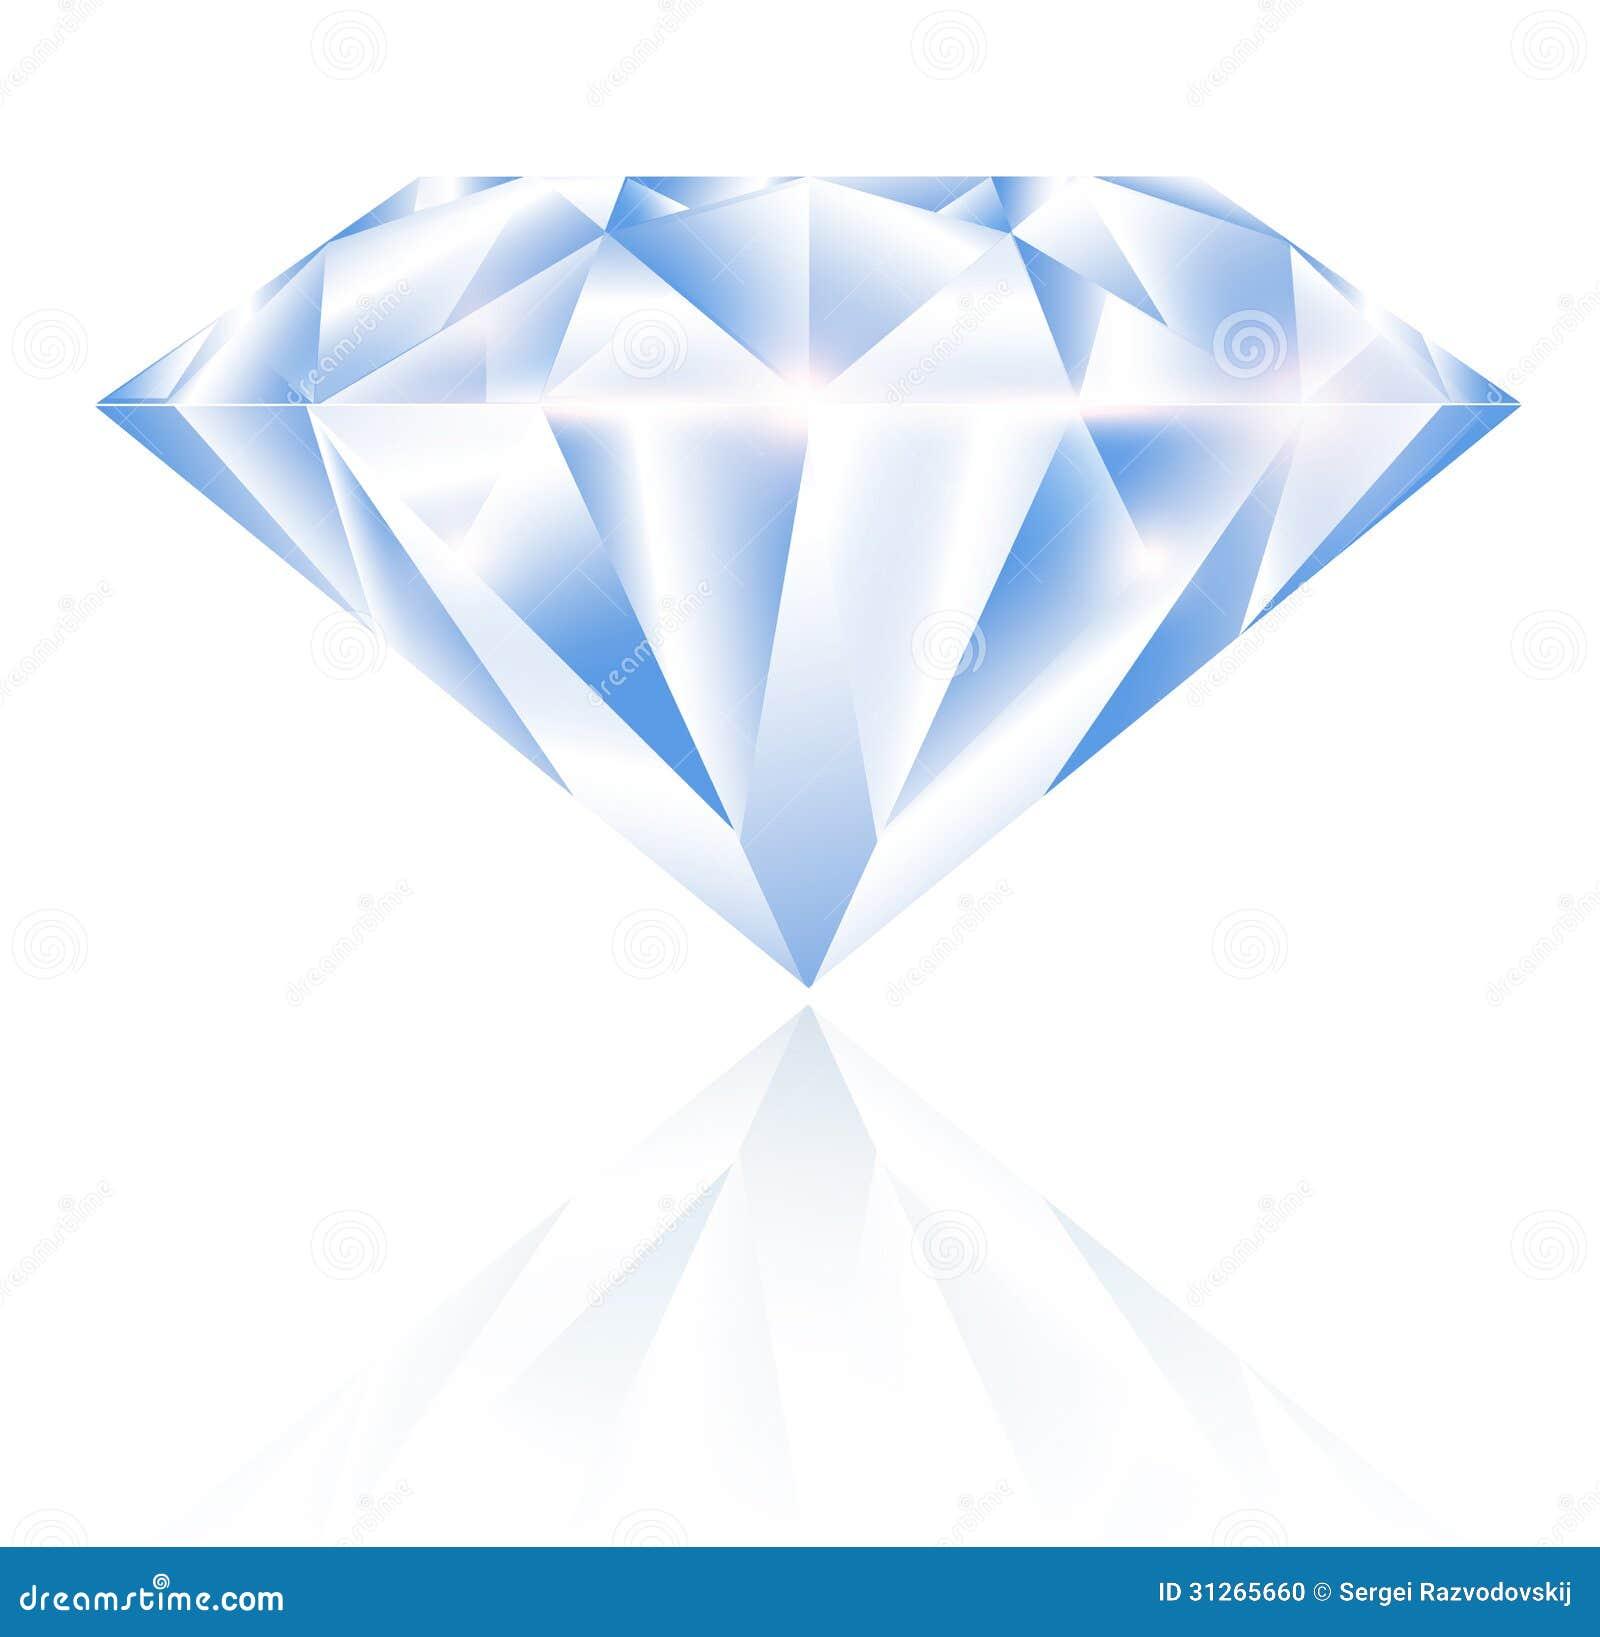 white diamond background - photo #20